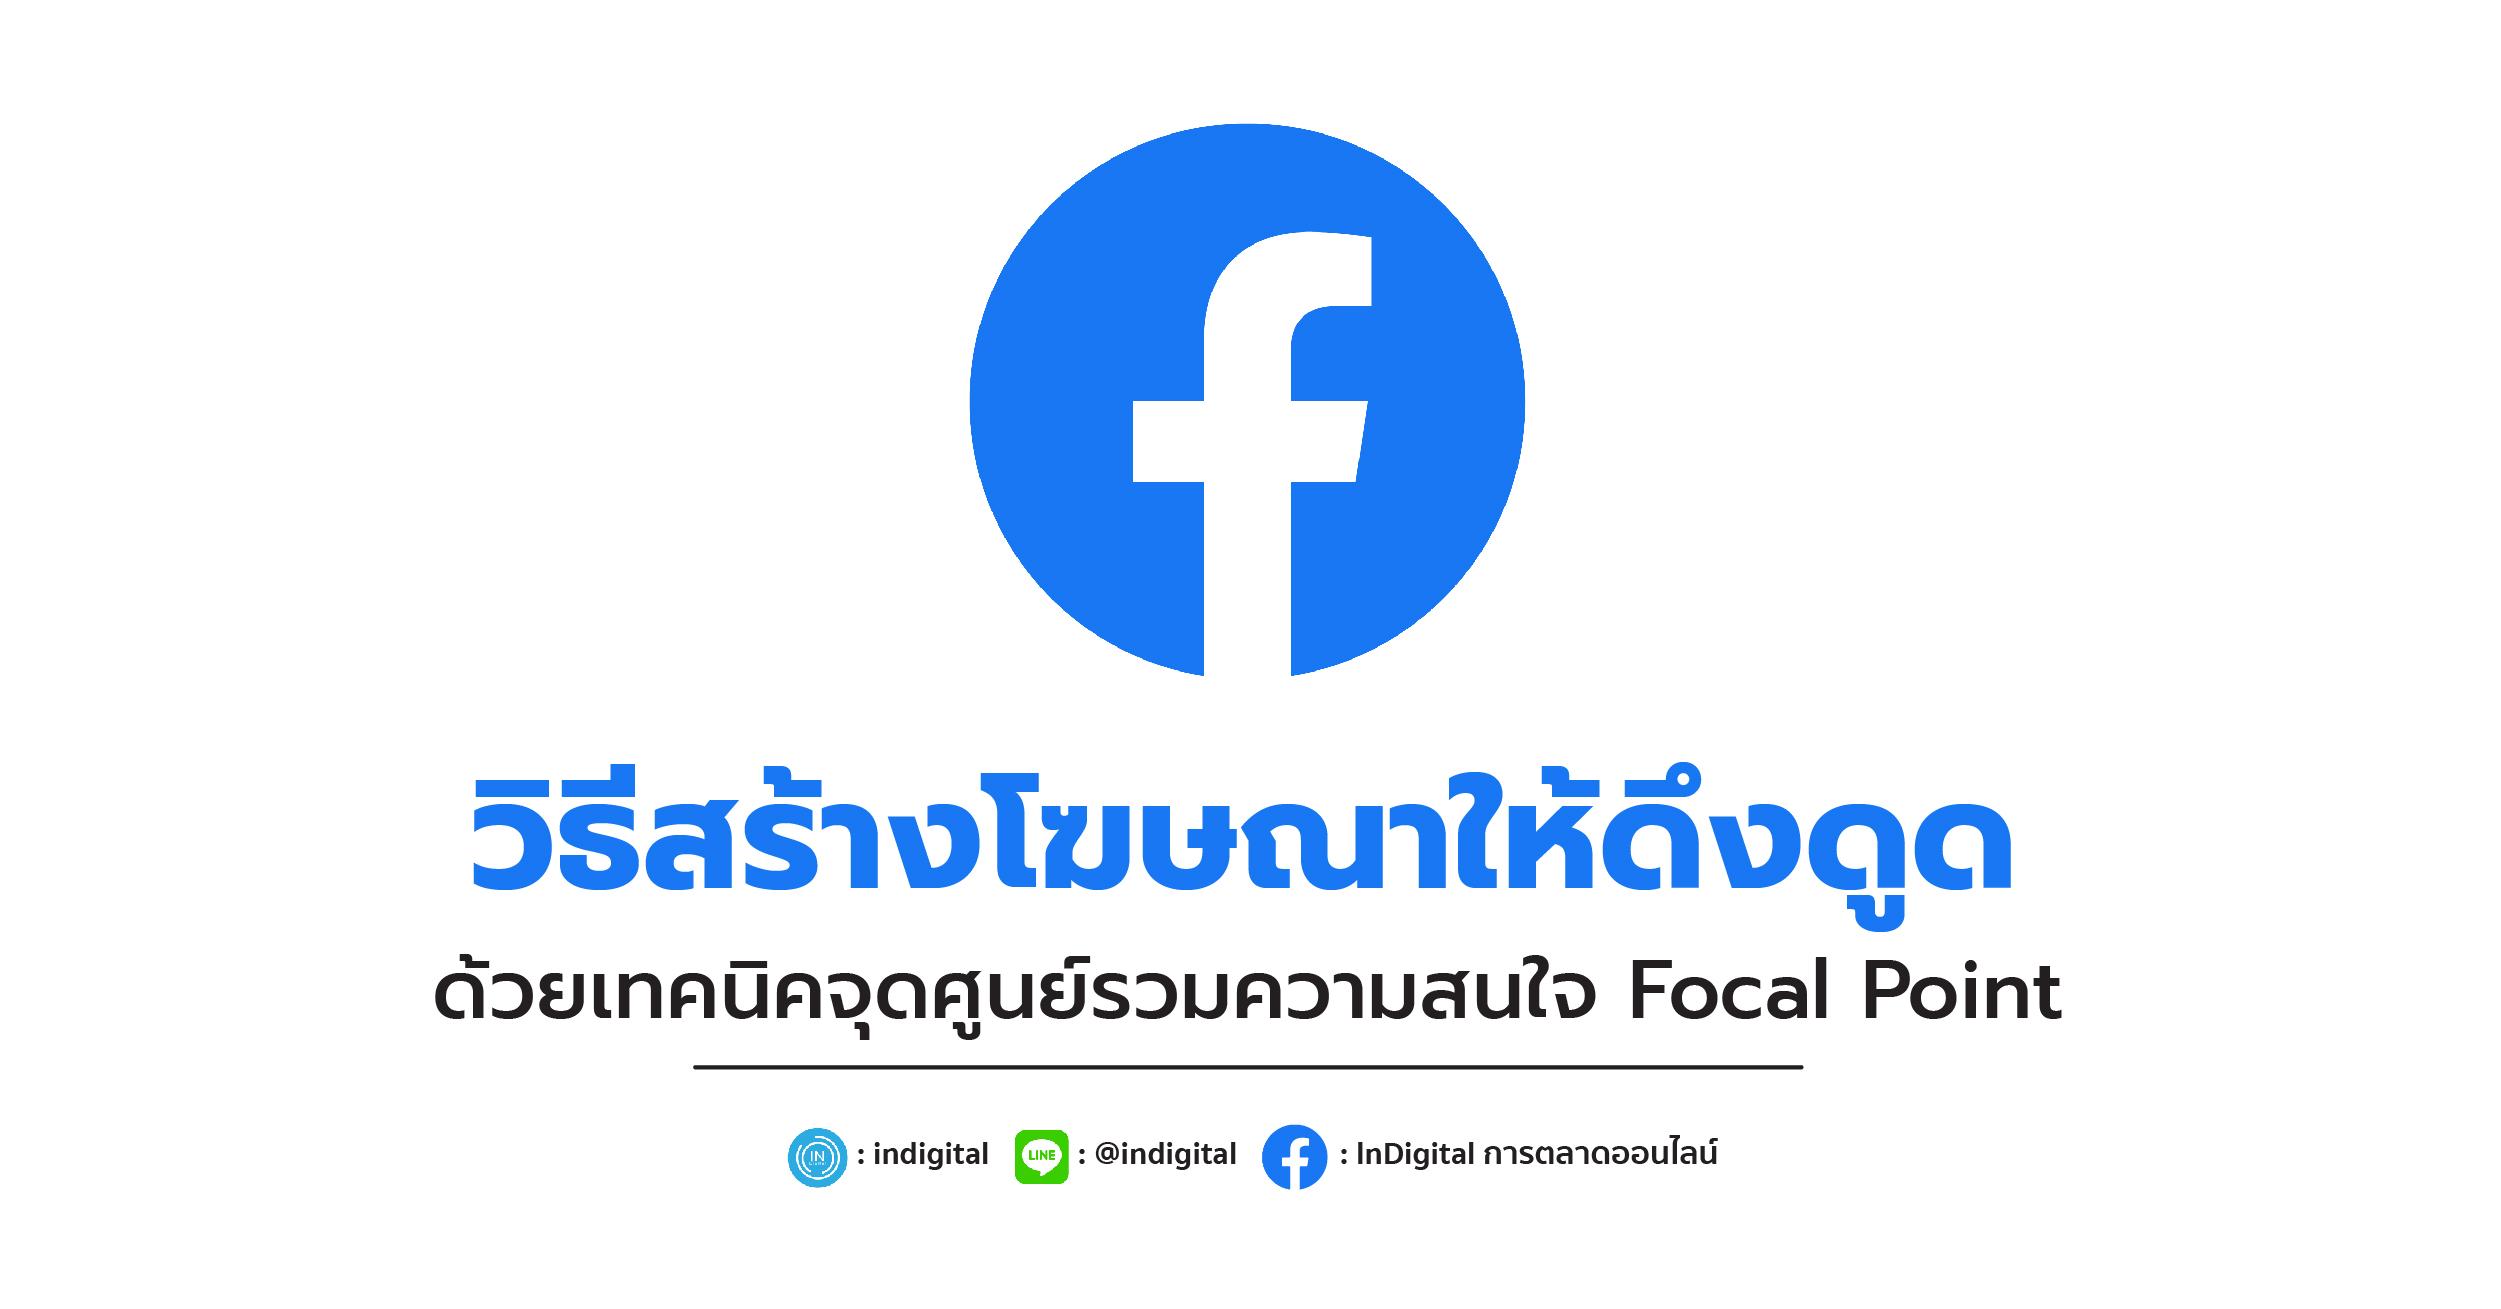 วิธีสร้างโฆษณาให้ดึงดูดด้วยเทคนิคจุดศูนย์รวมความสนใจ Focal Point